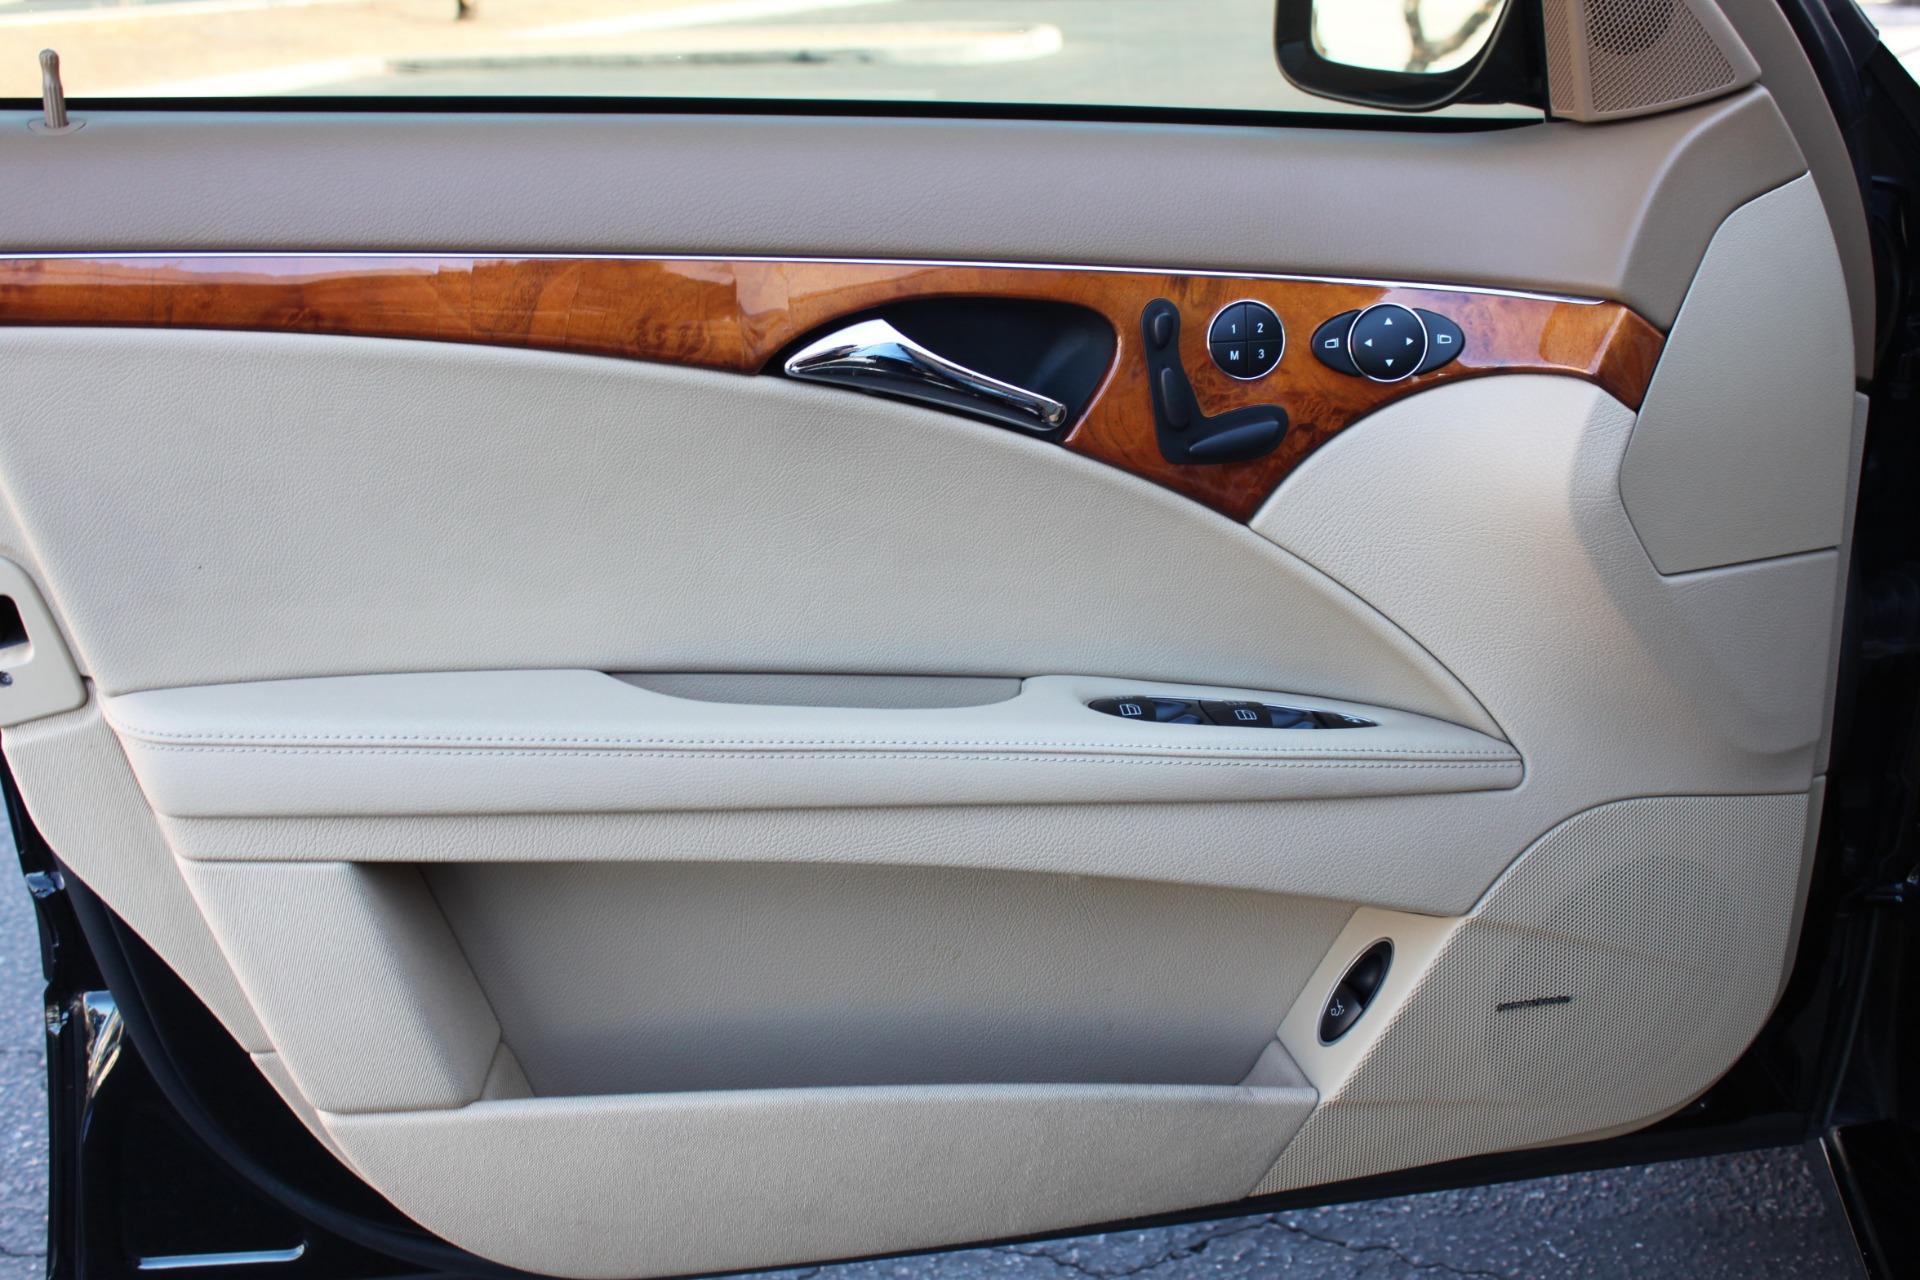 Used-2009-Mercedes-Benz-E-Class-E320-30L-BlueTEC-Tesla